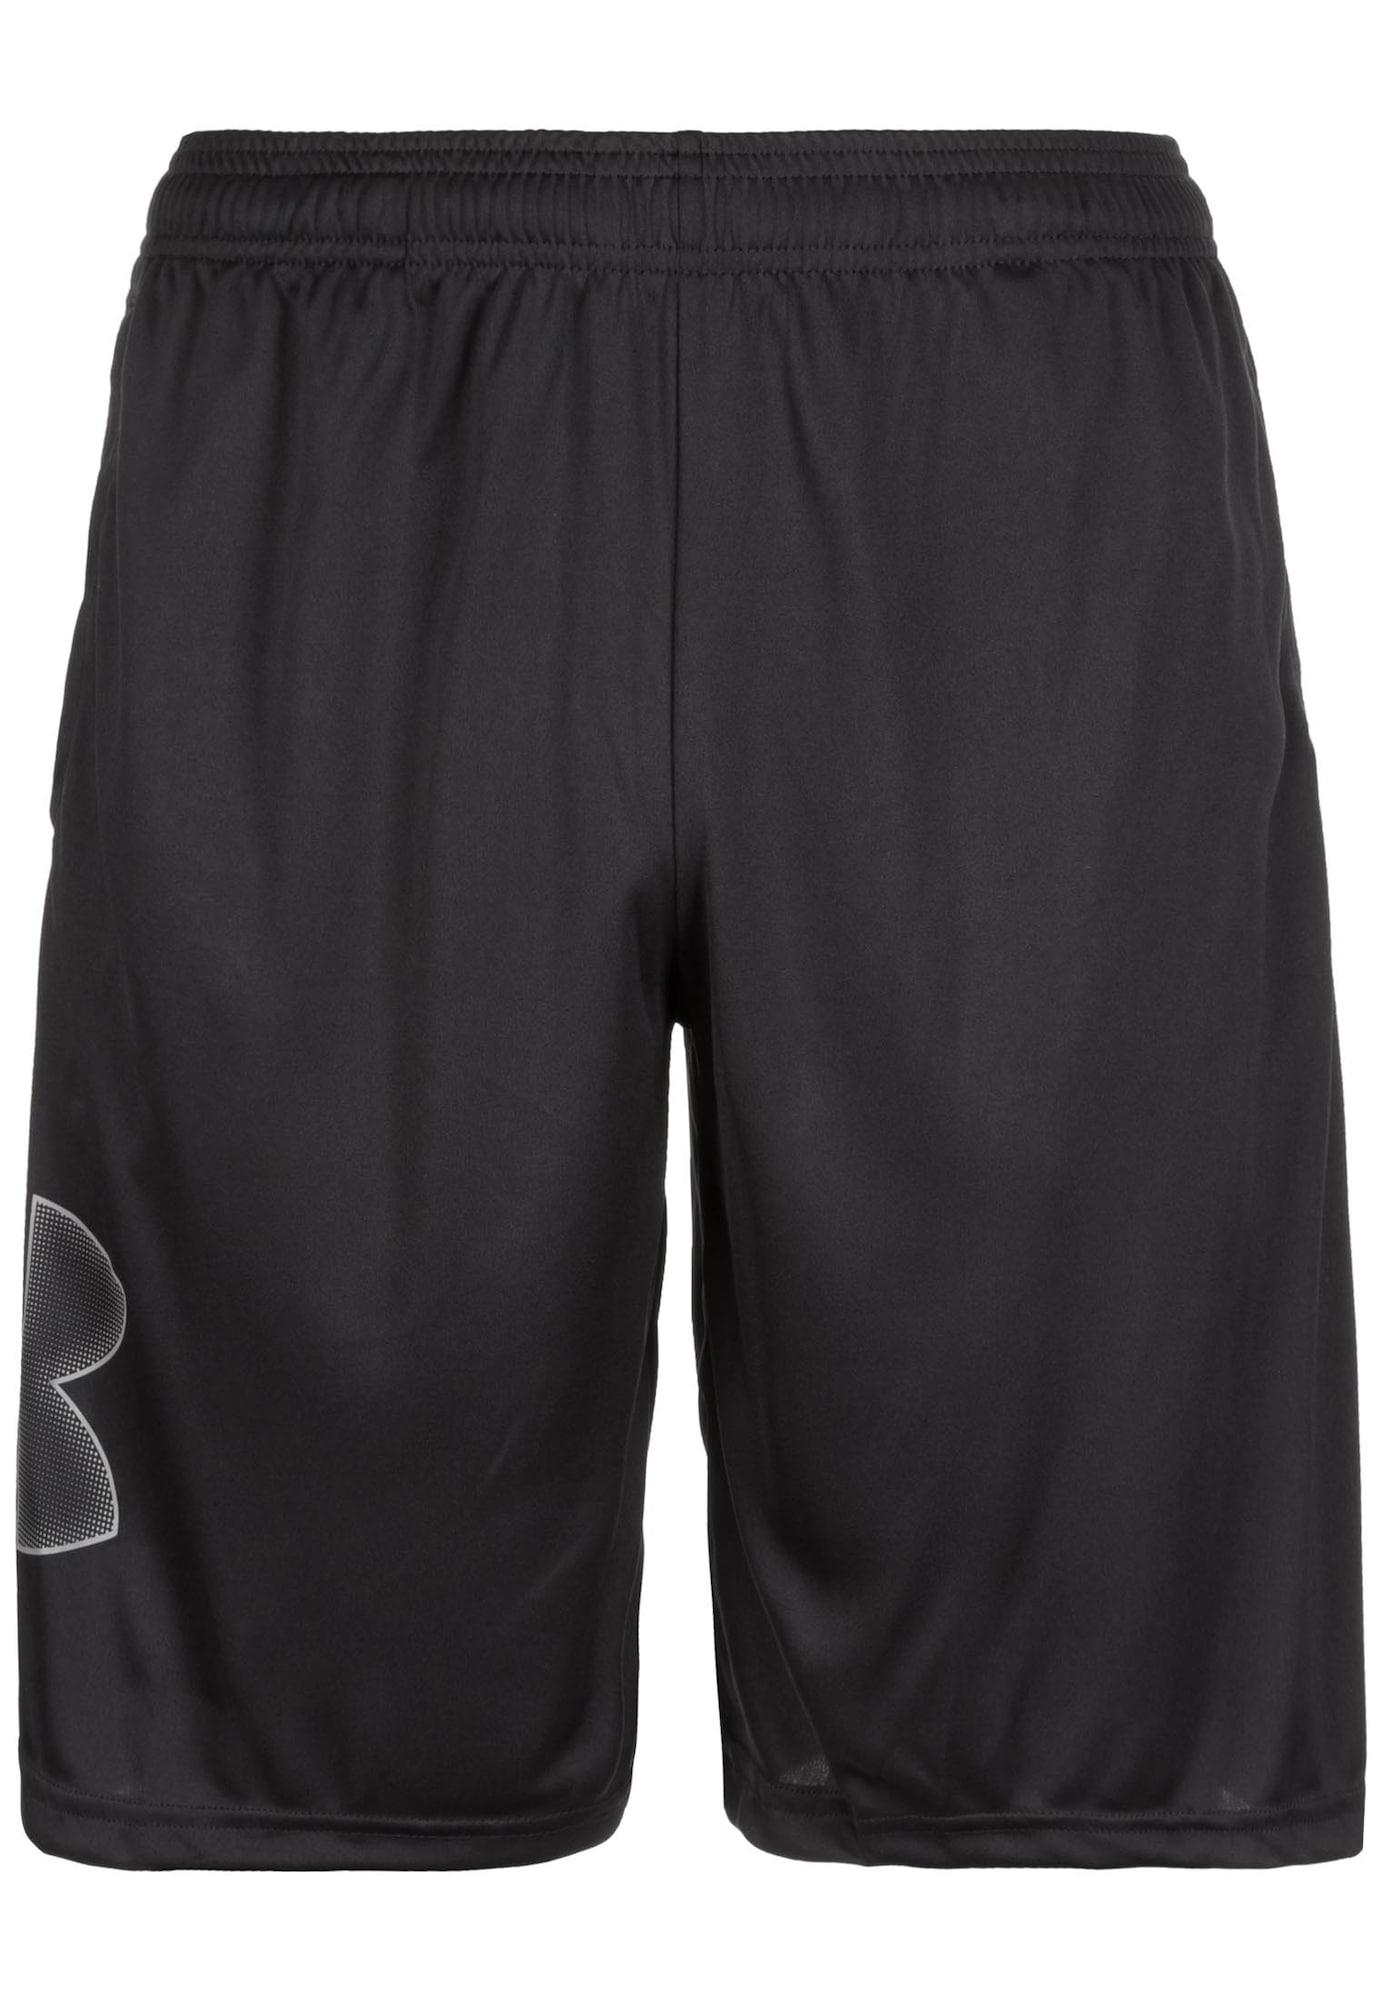 UNDER ARMOUR Sportinės kelnės balta / juoda